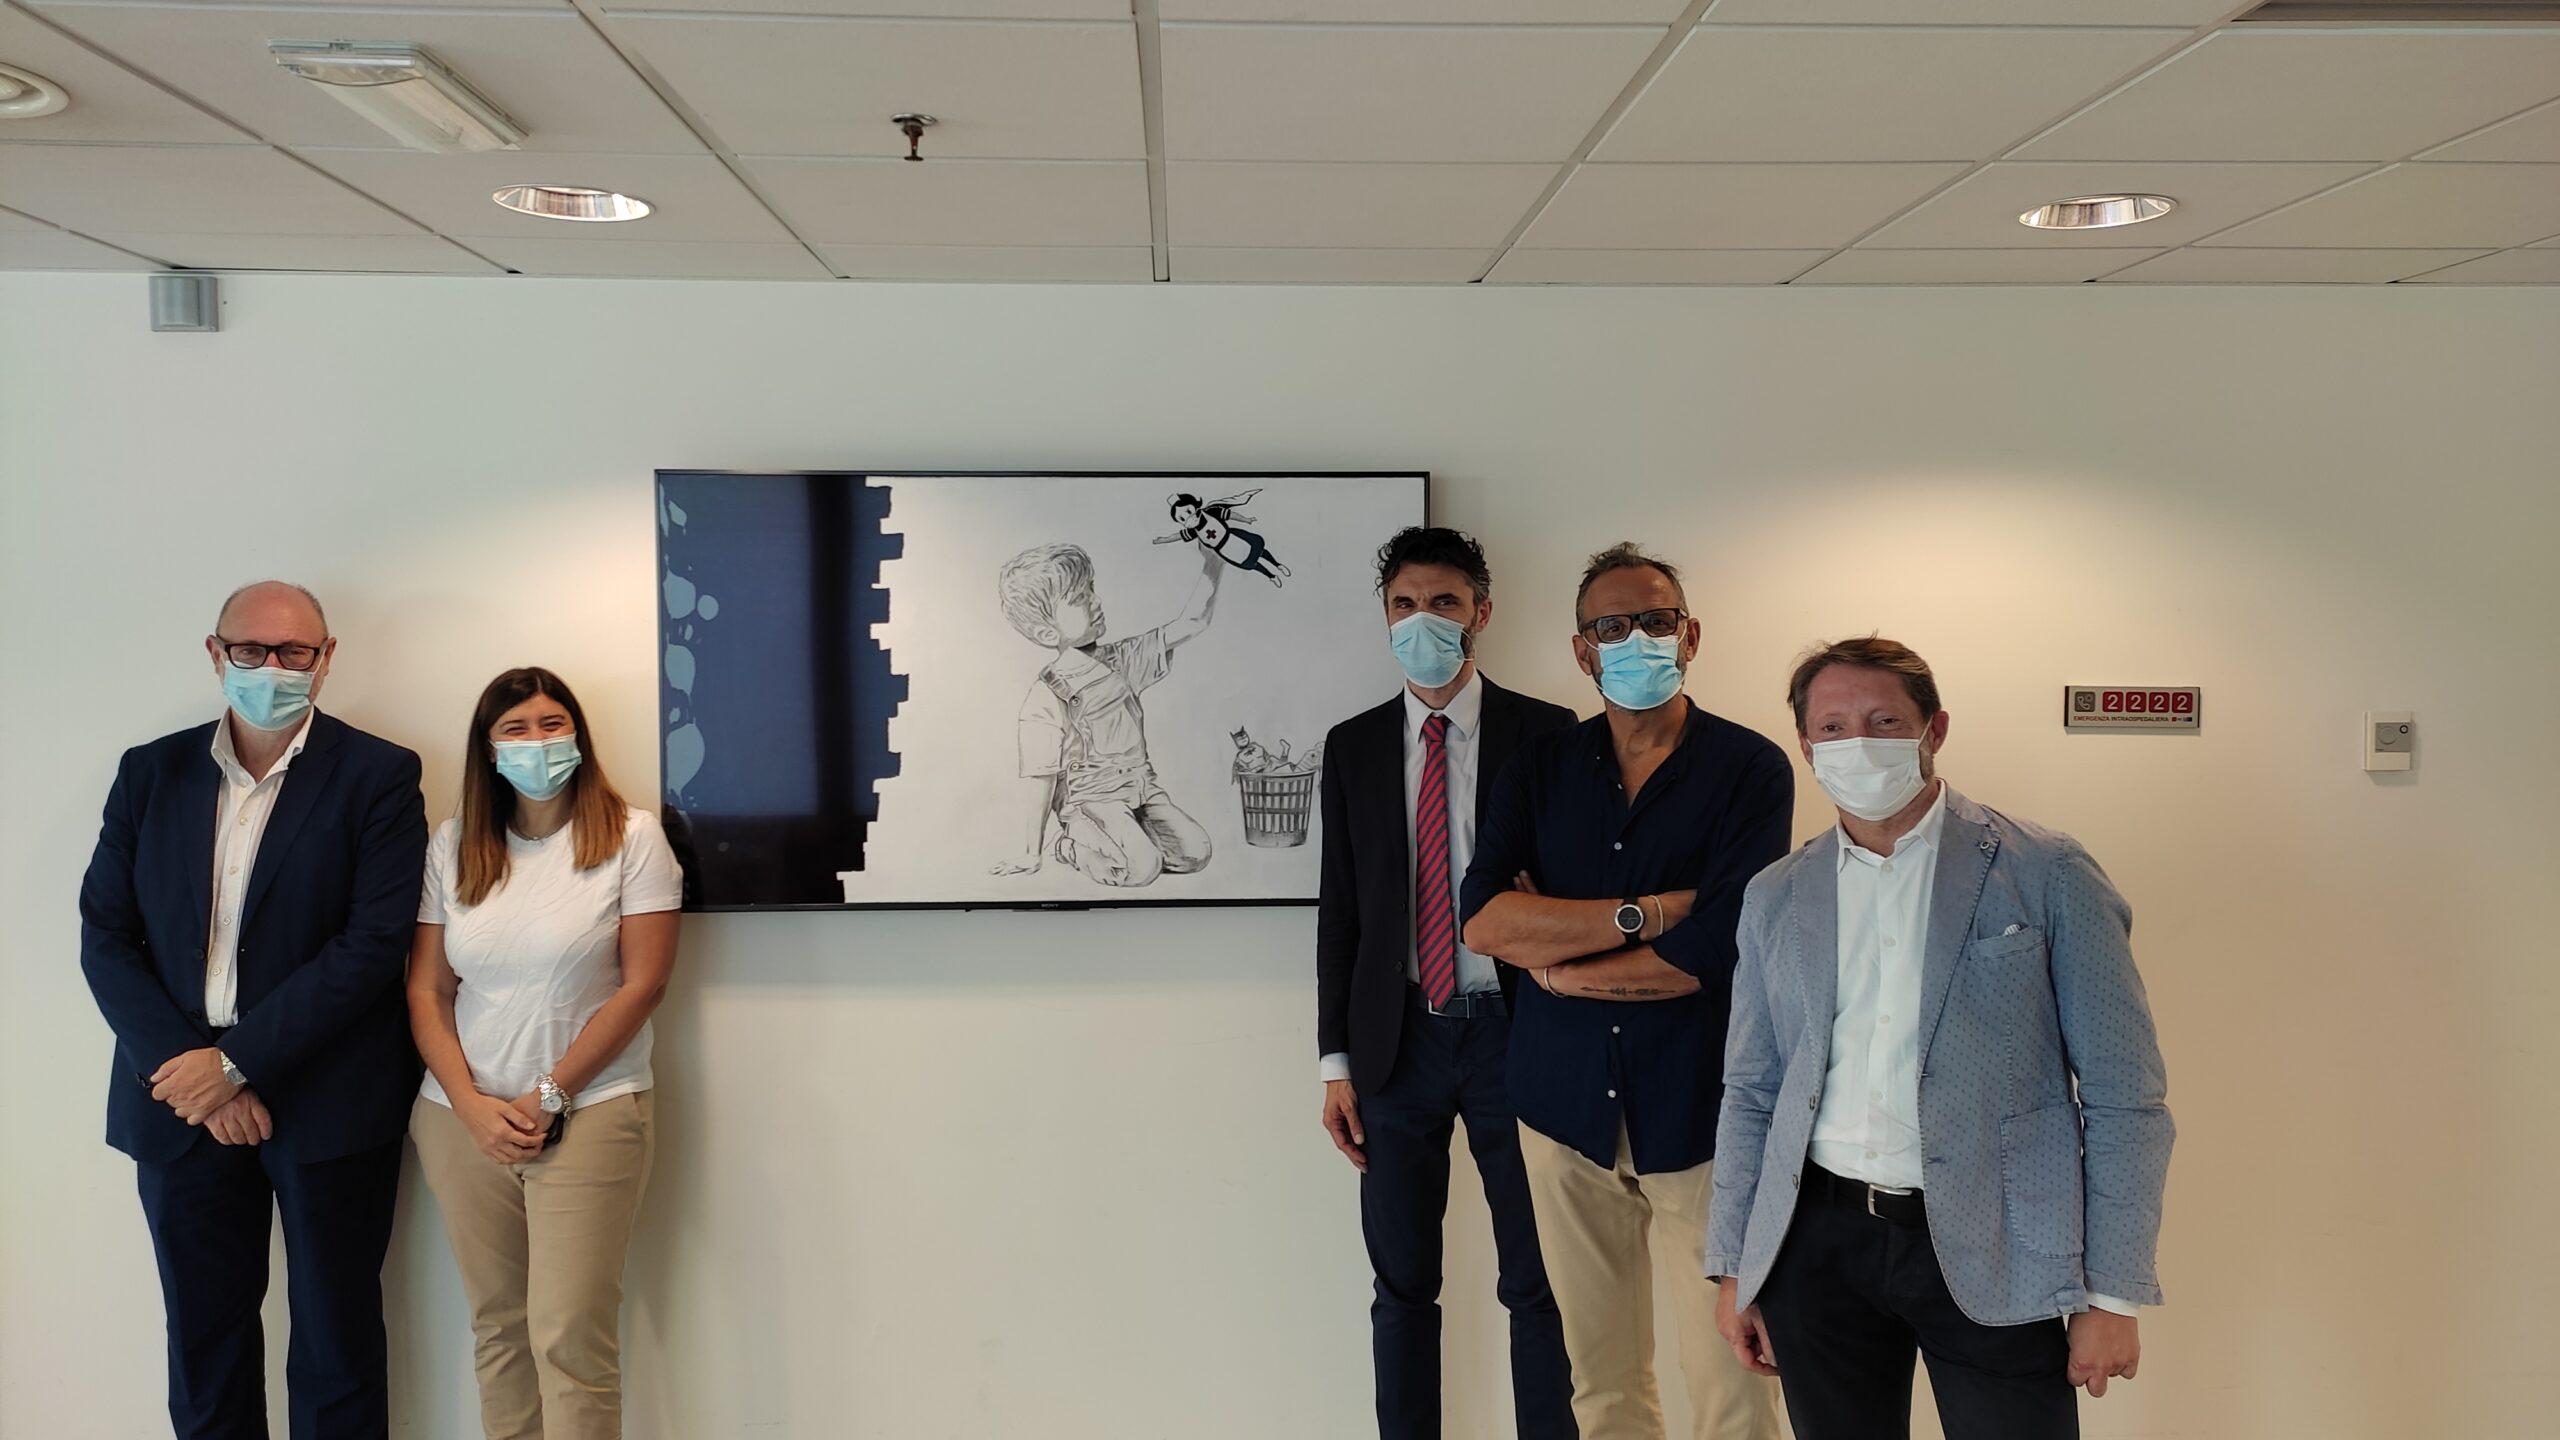 L'azienda NET Studio dona all'Ospedale di Prato  un' opera d'arte dedicata a tutti gli operatori sanitari